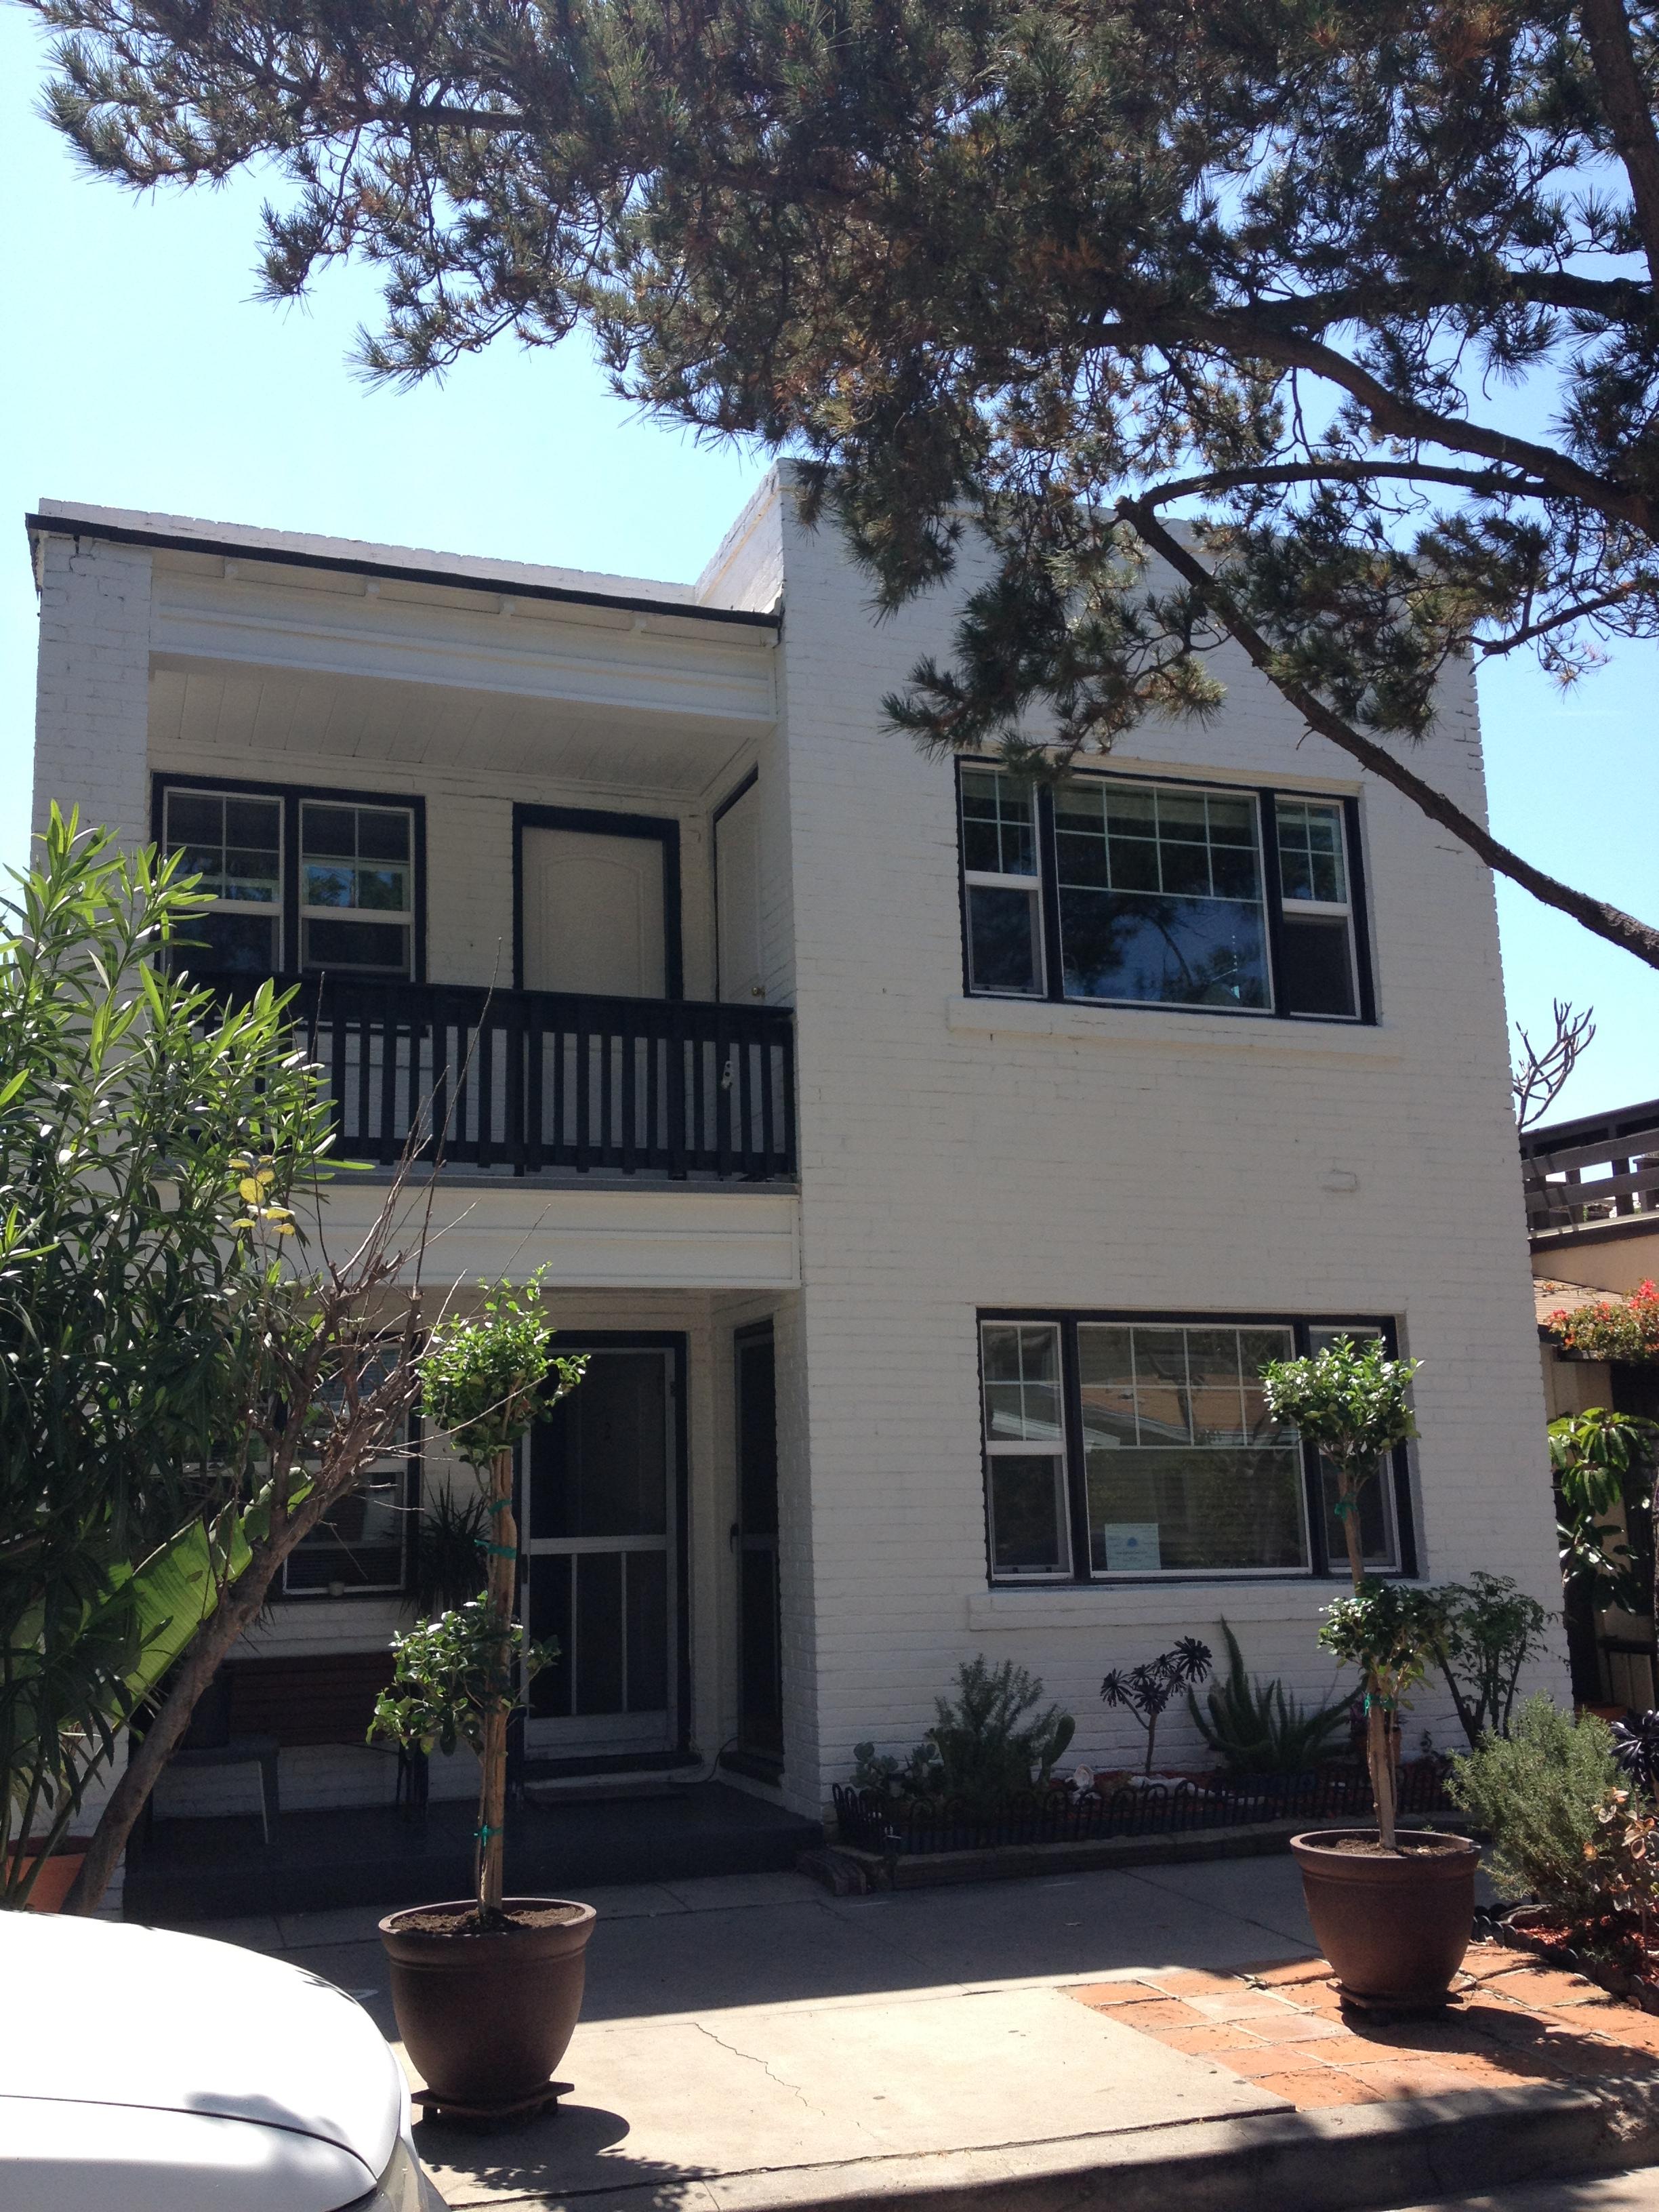 カリフォルニア州海岸沿いのお洒落な住宅